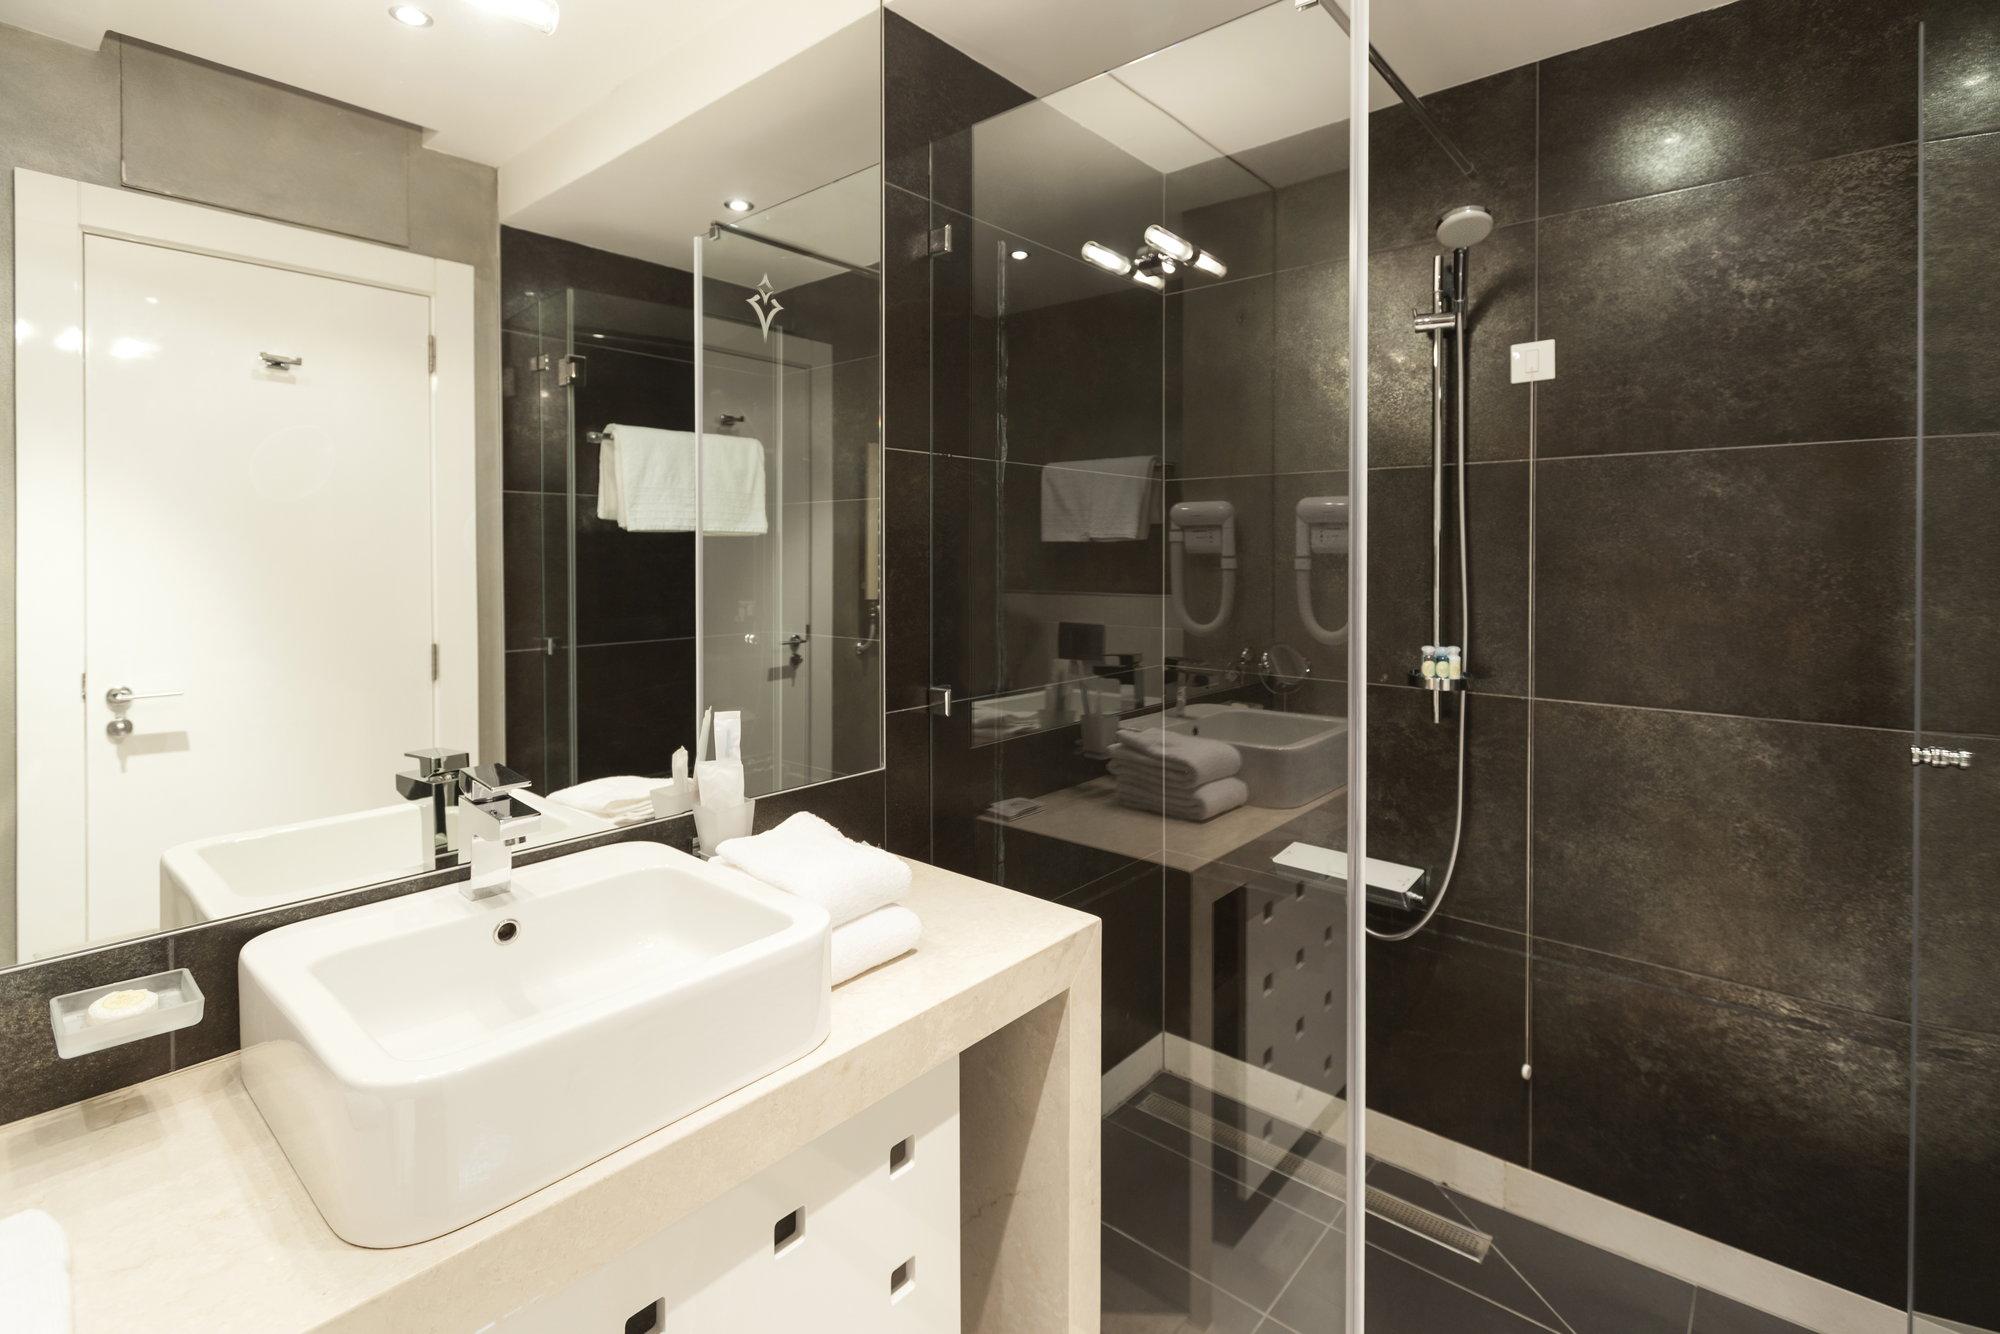 Water Spots On Black Tile Shower Floors